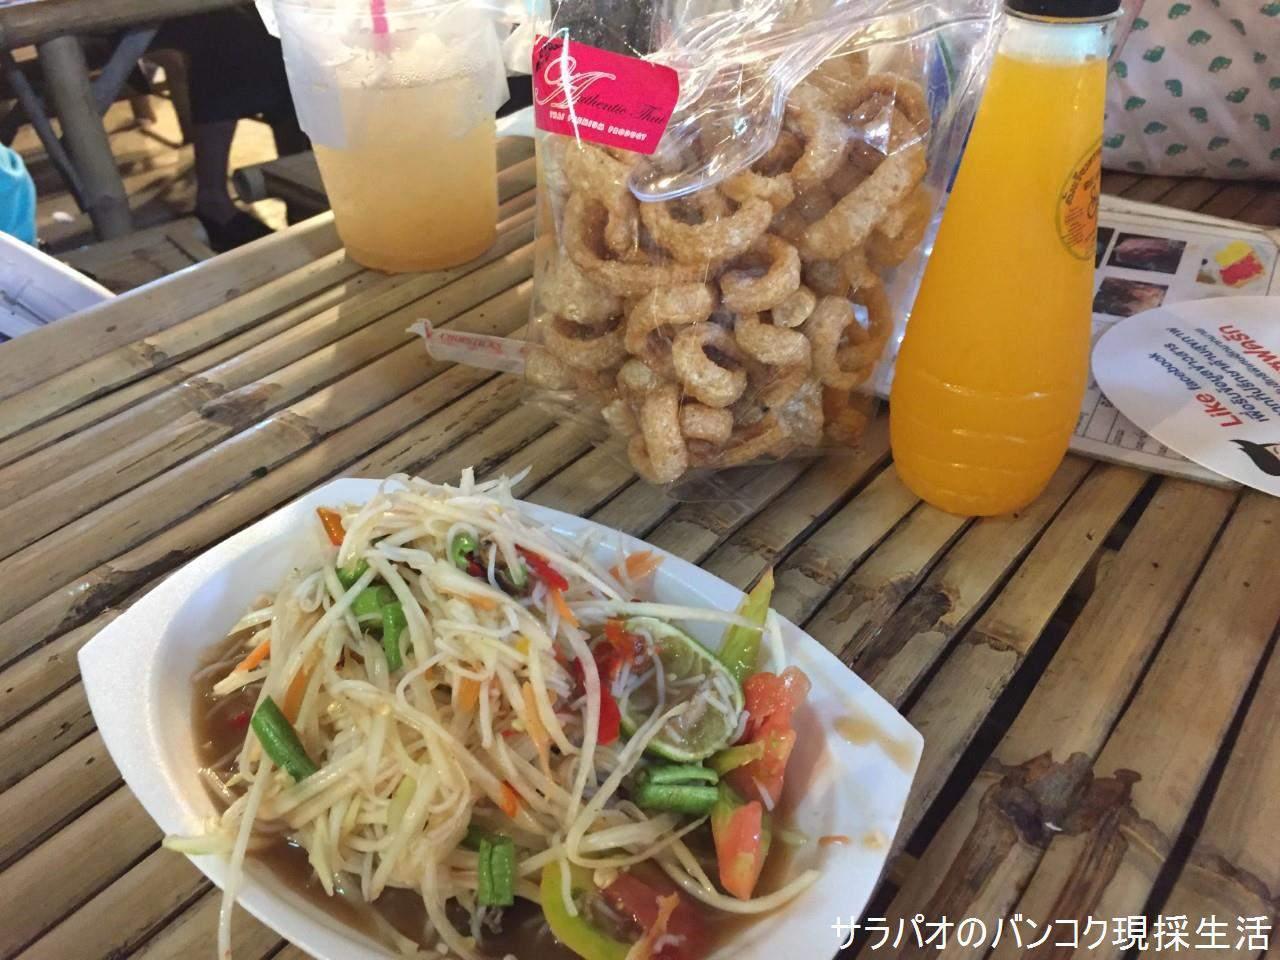 KhlongLatMaYomFloatingMarket_51.jpg